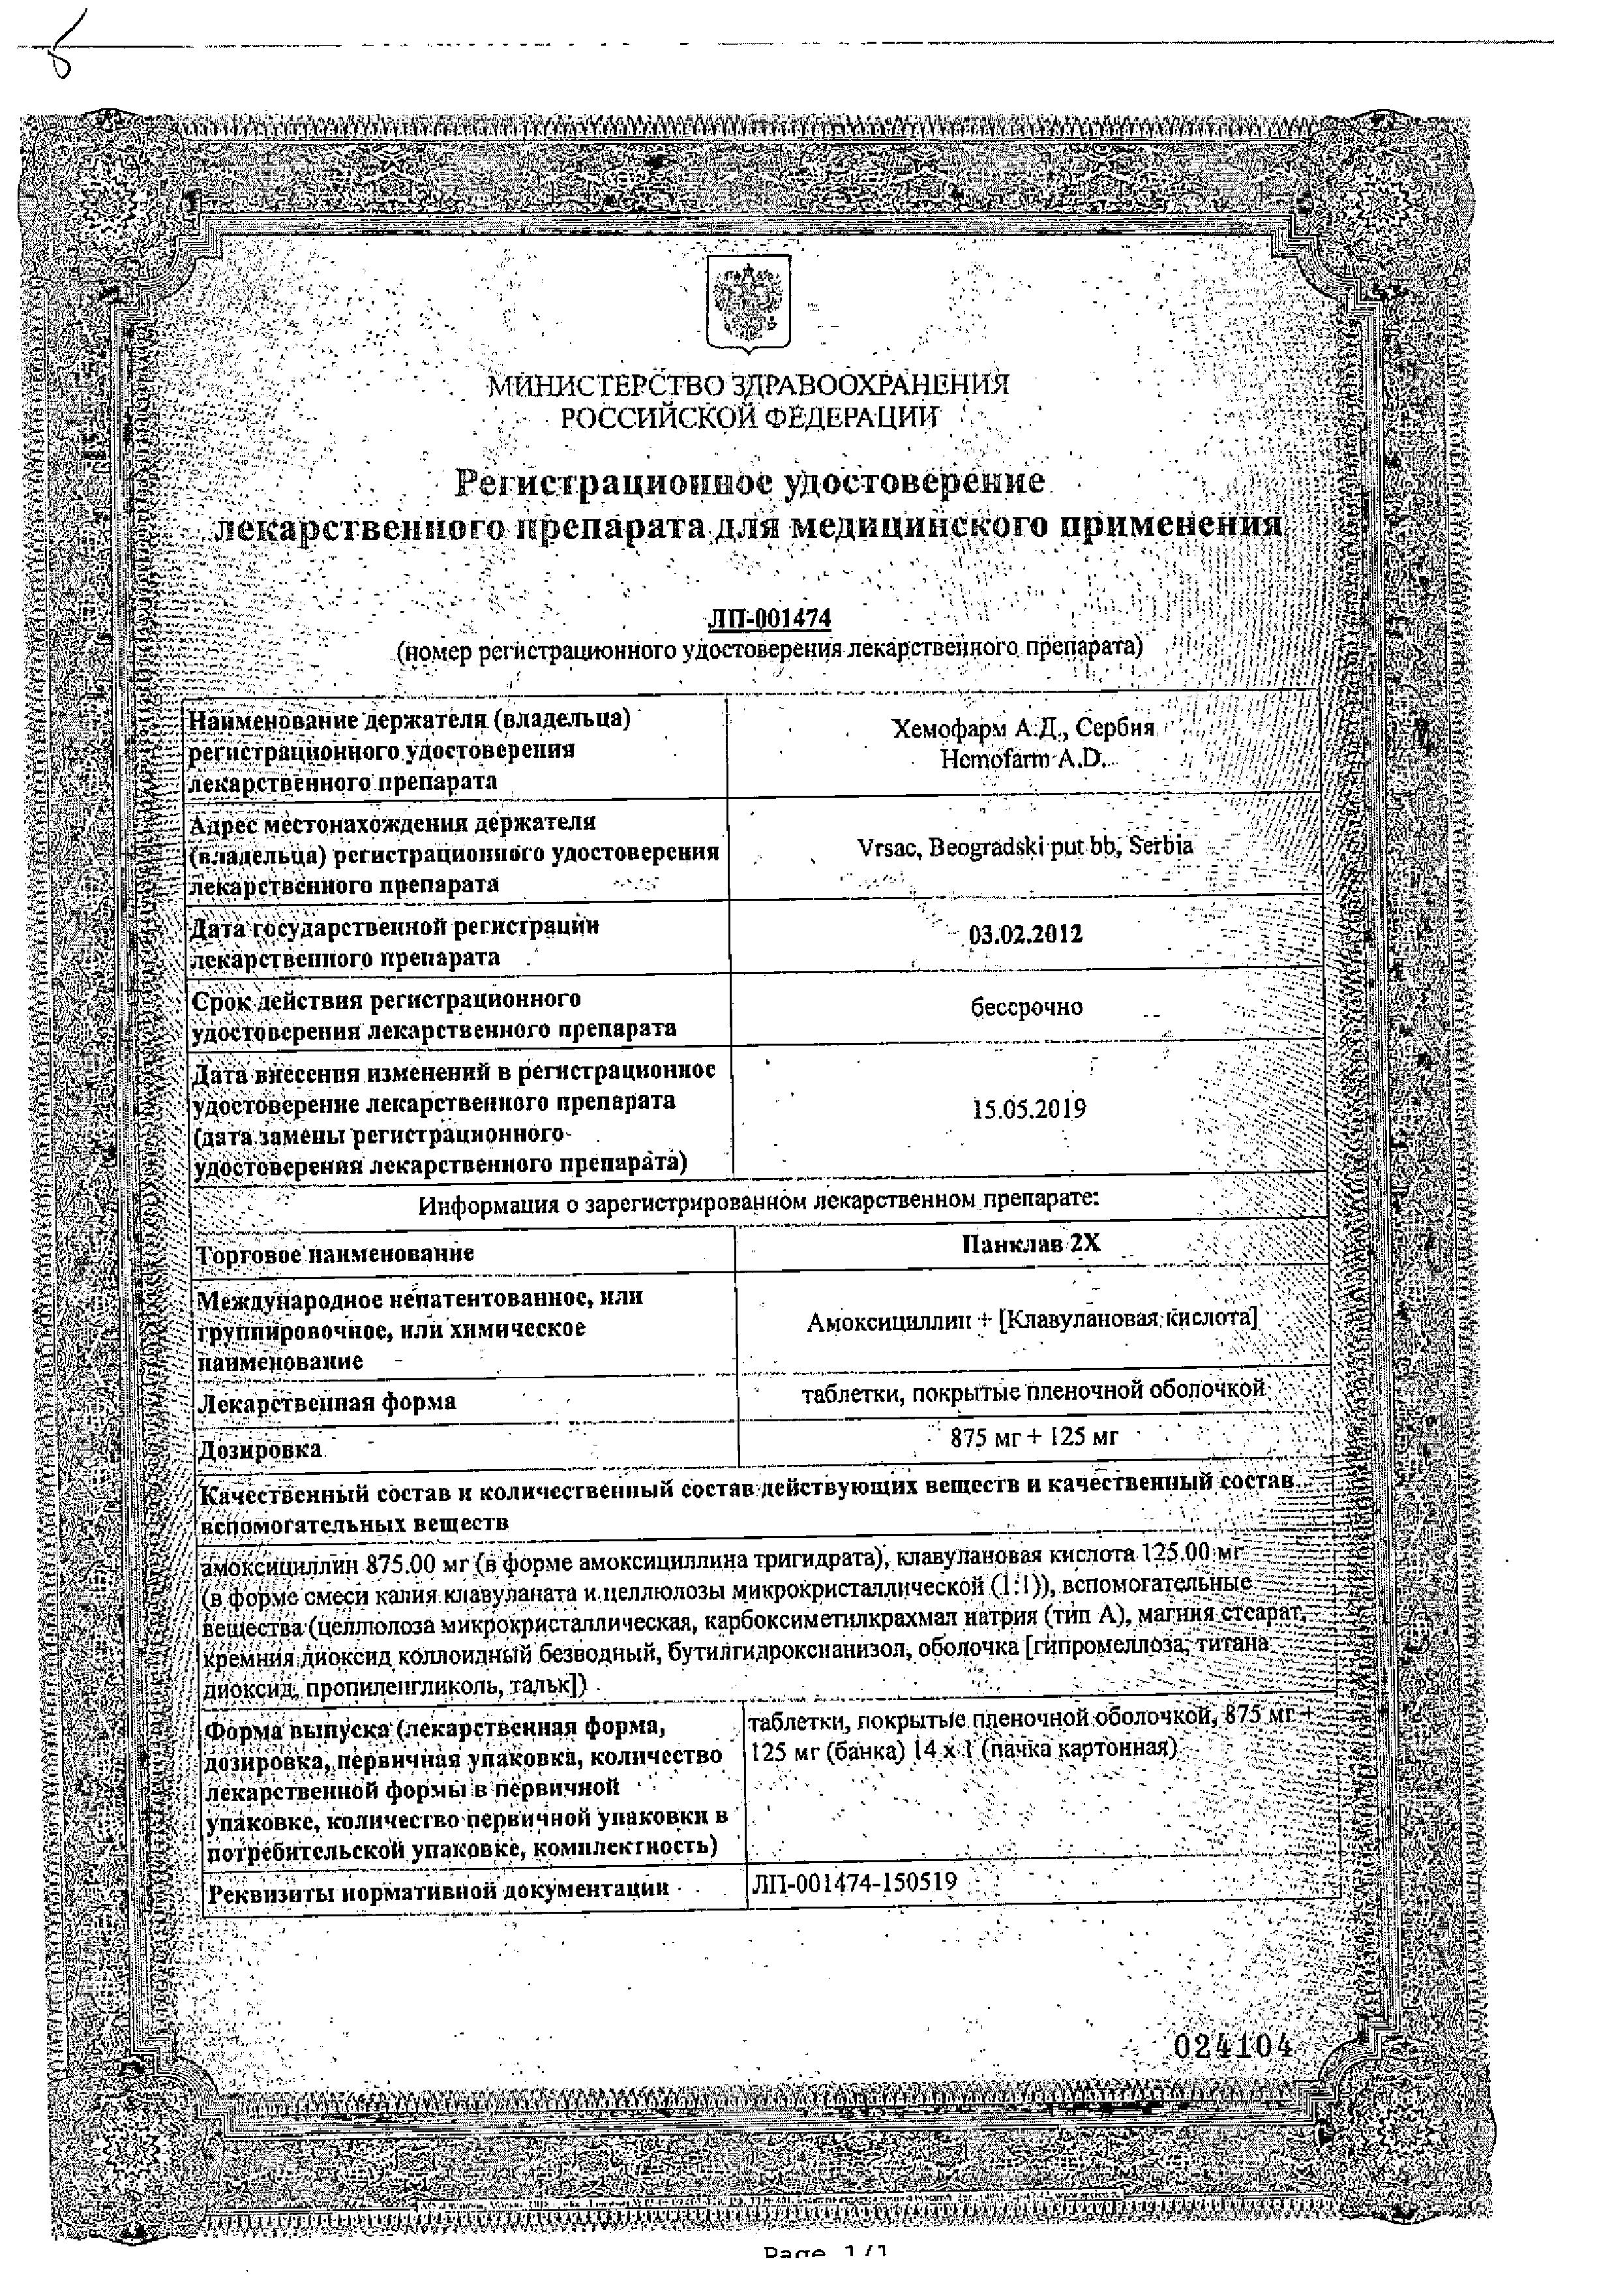 Панклав 2Х сертификат